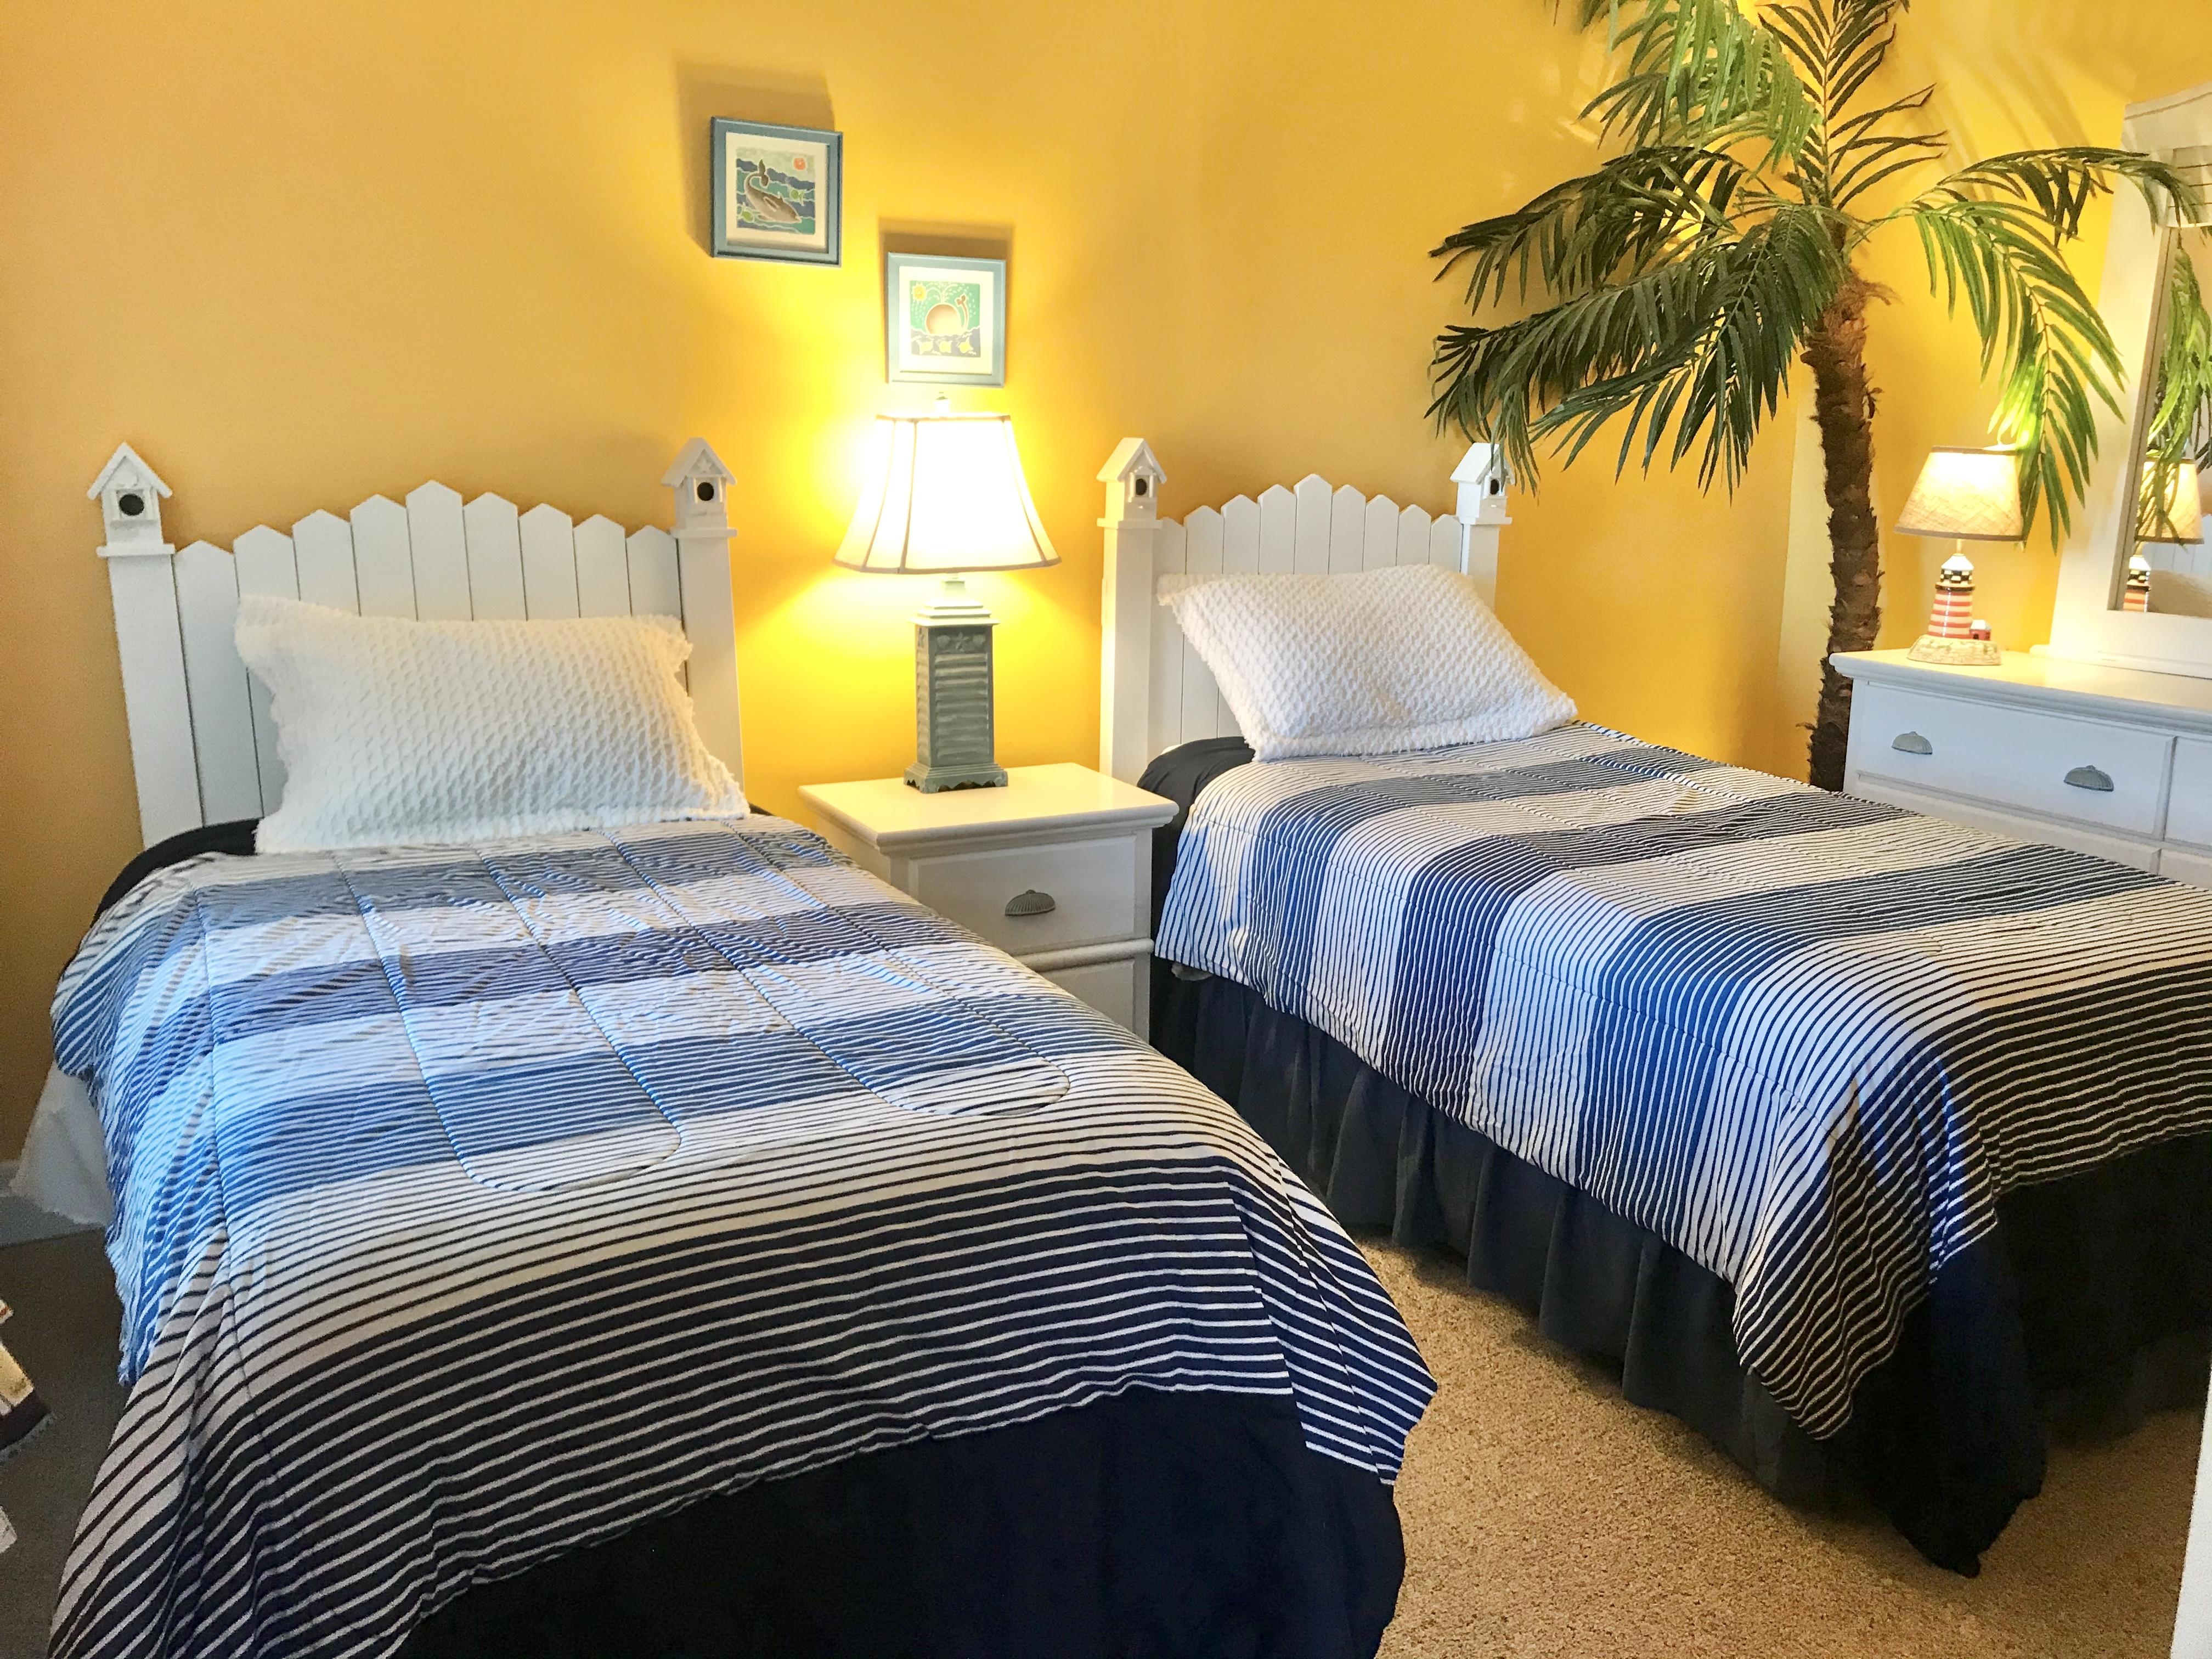 Ocean House 1303 Condo rental in Ocean House - Gulf Shores in Gulf Shores Alabama - #36